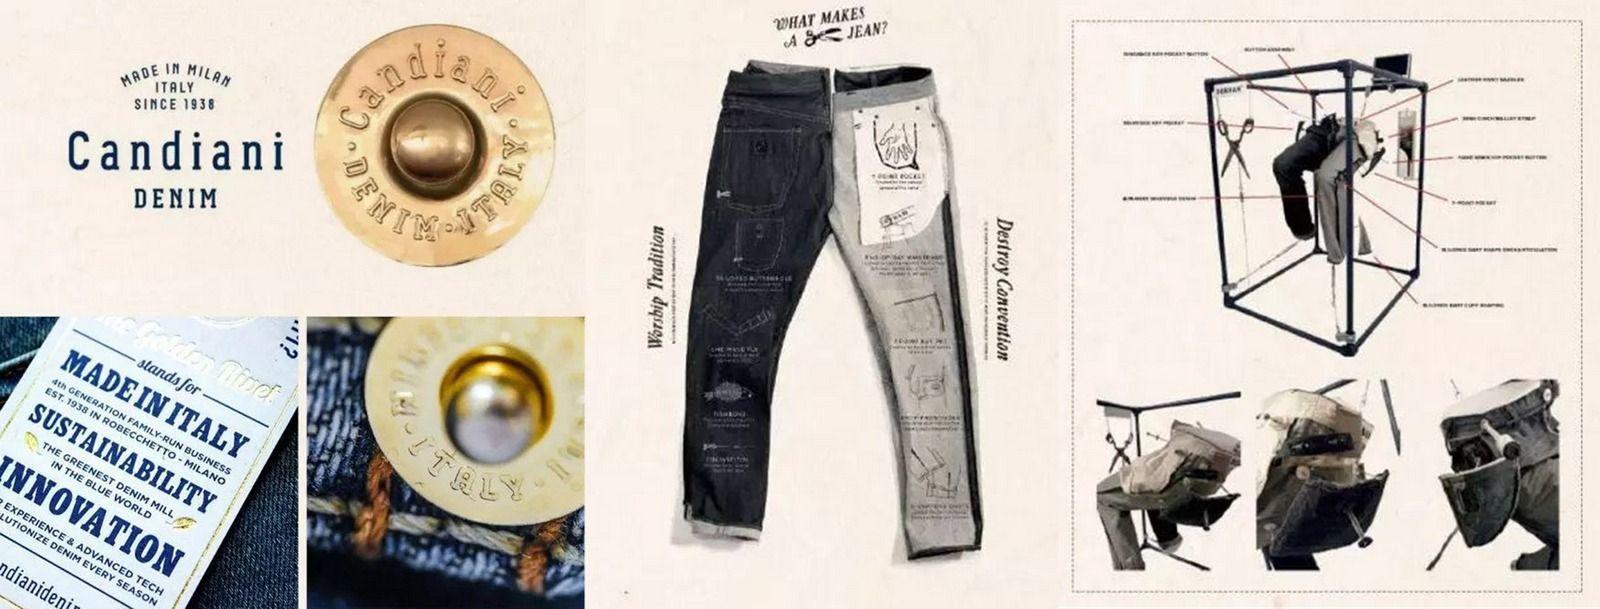 赫基集團再擴國際時尚業務版圖,控股荷蘭殿堂級牛仔品牌Denham